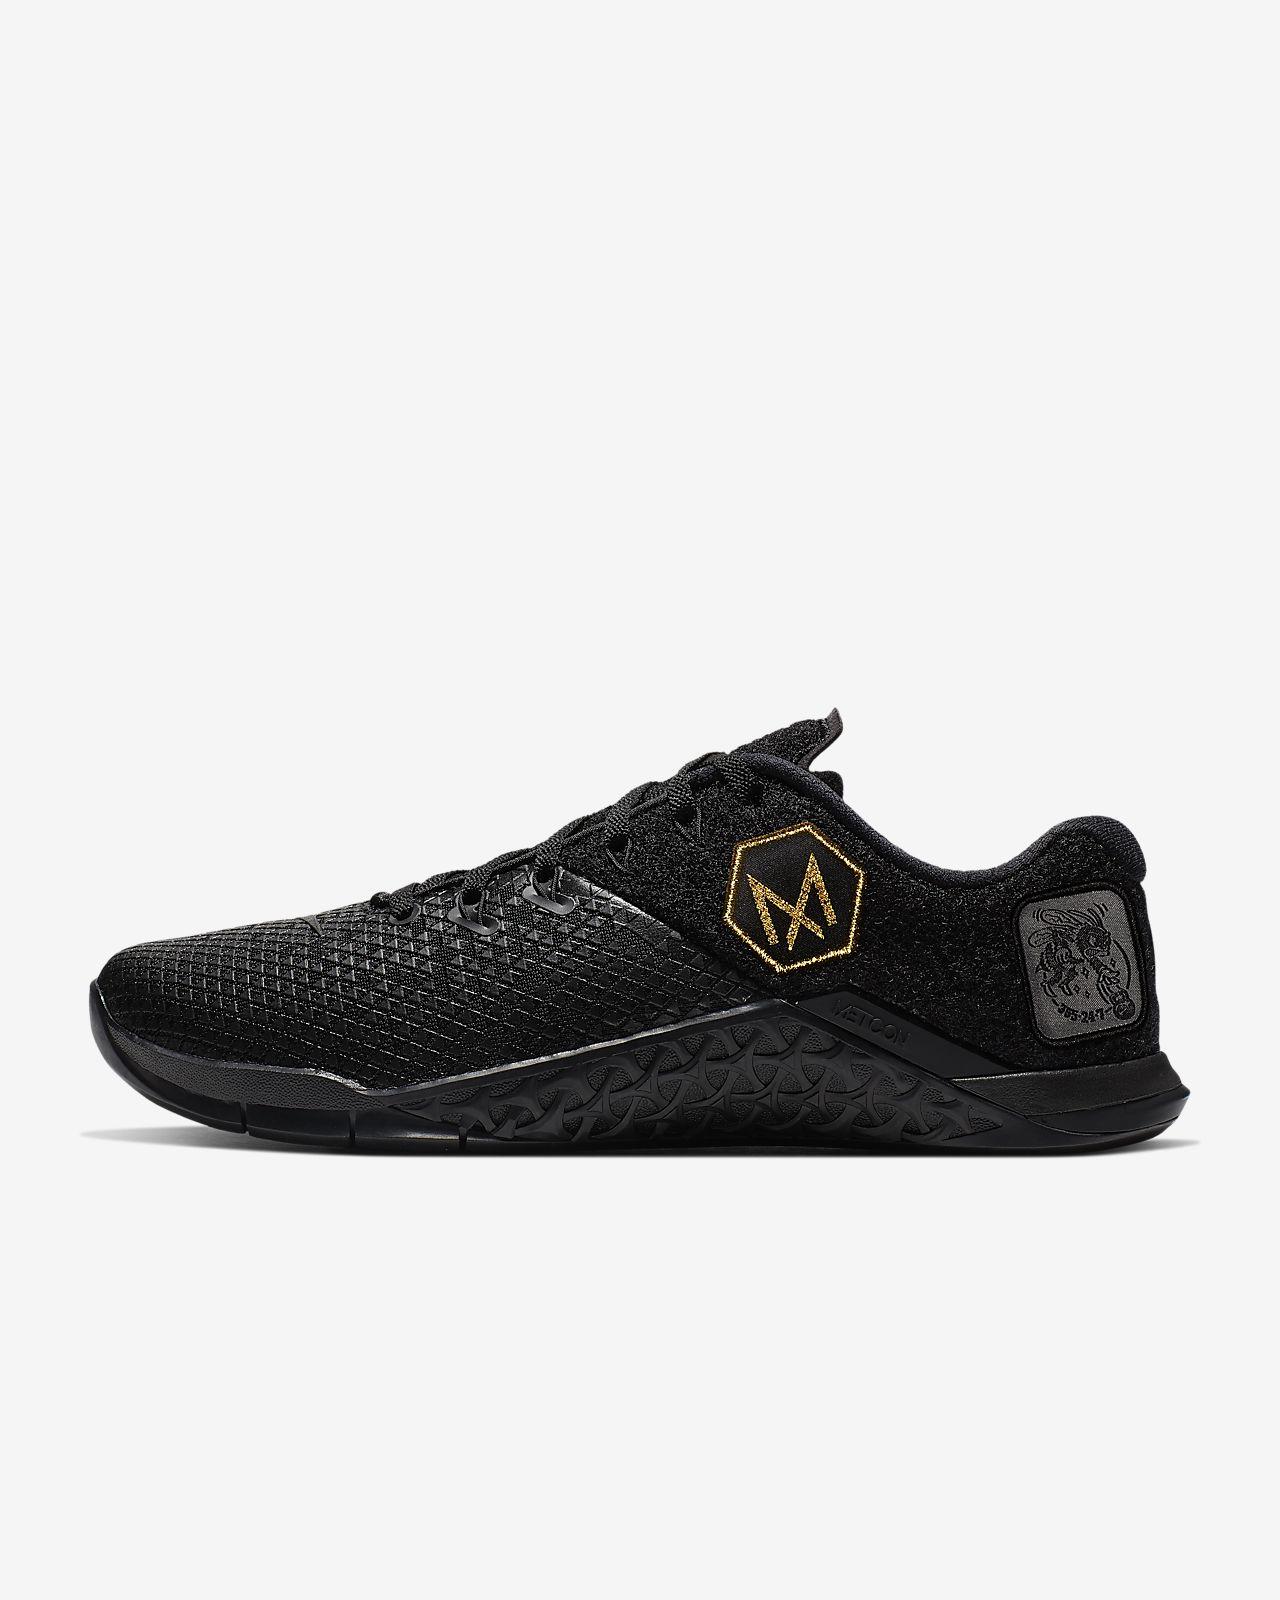 Nike Metcon 4 XD Patch Women's Training Shoe